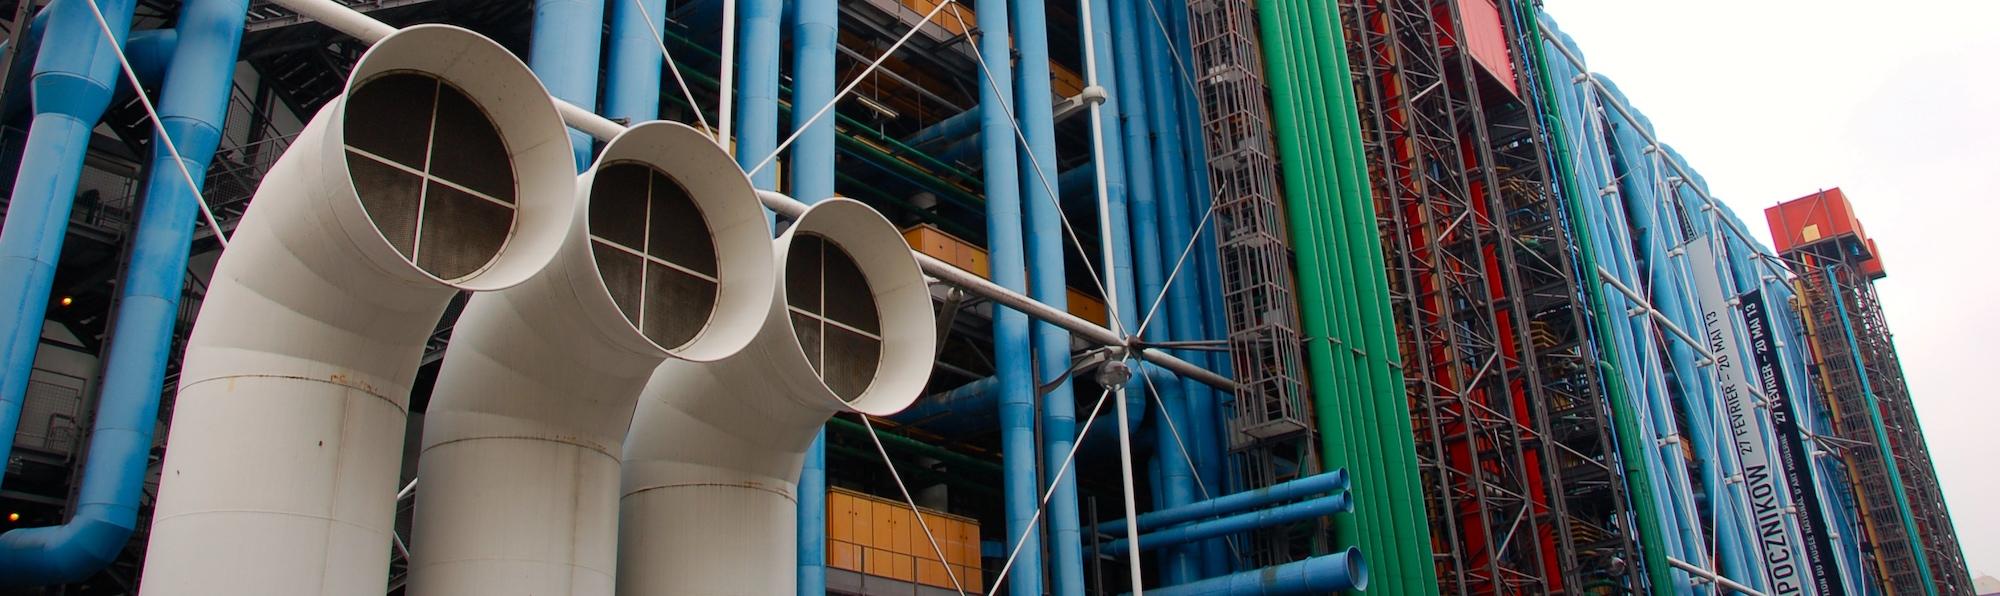 Centro George Pompidou Abajo, París